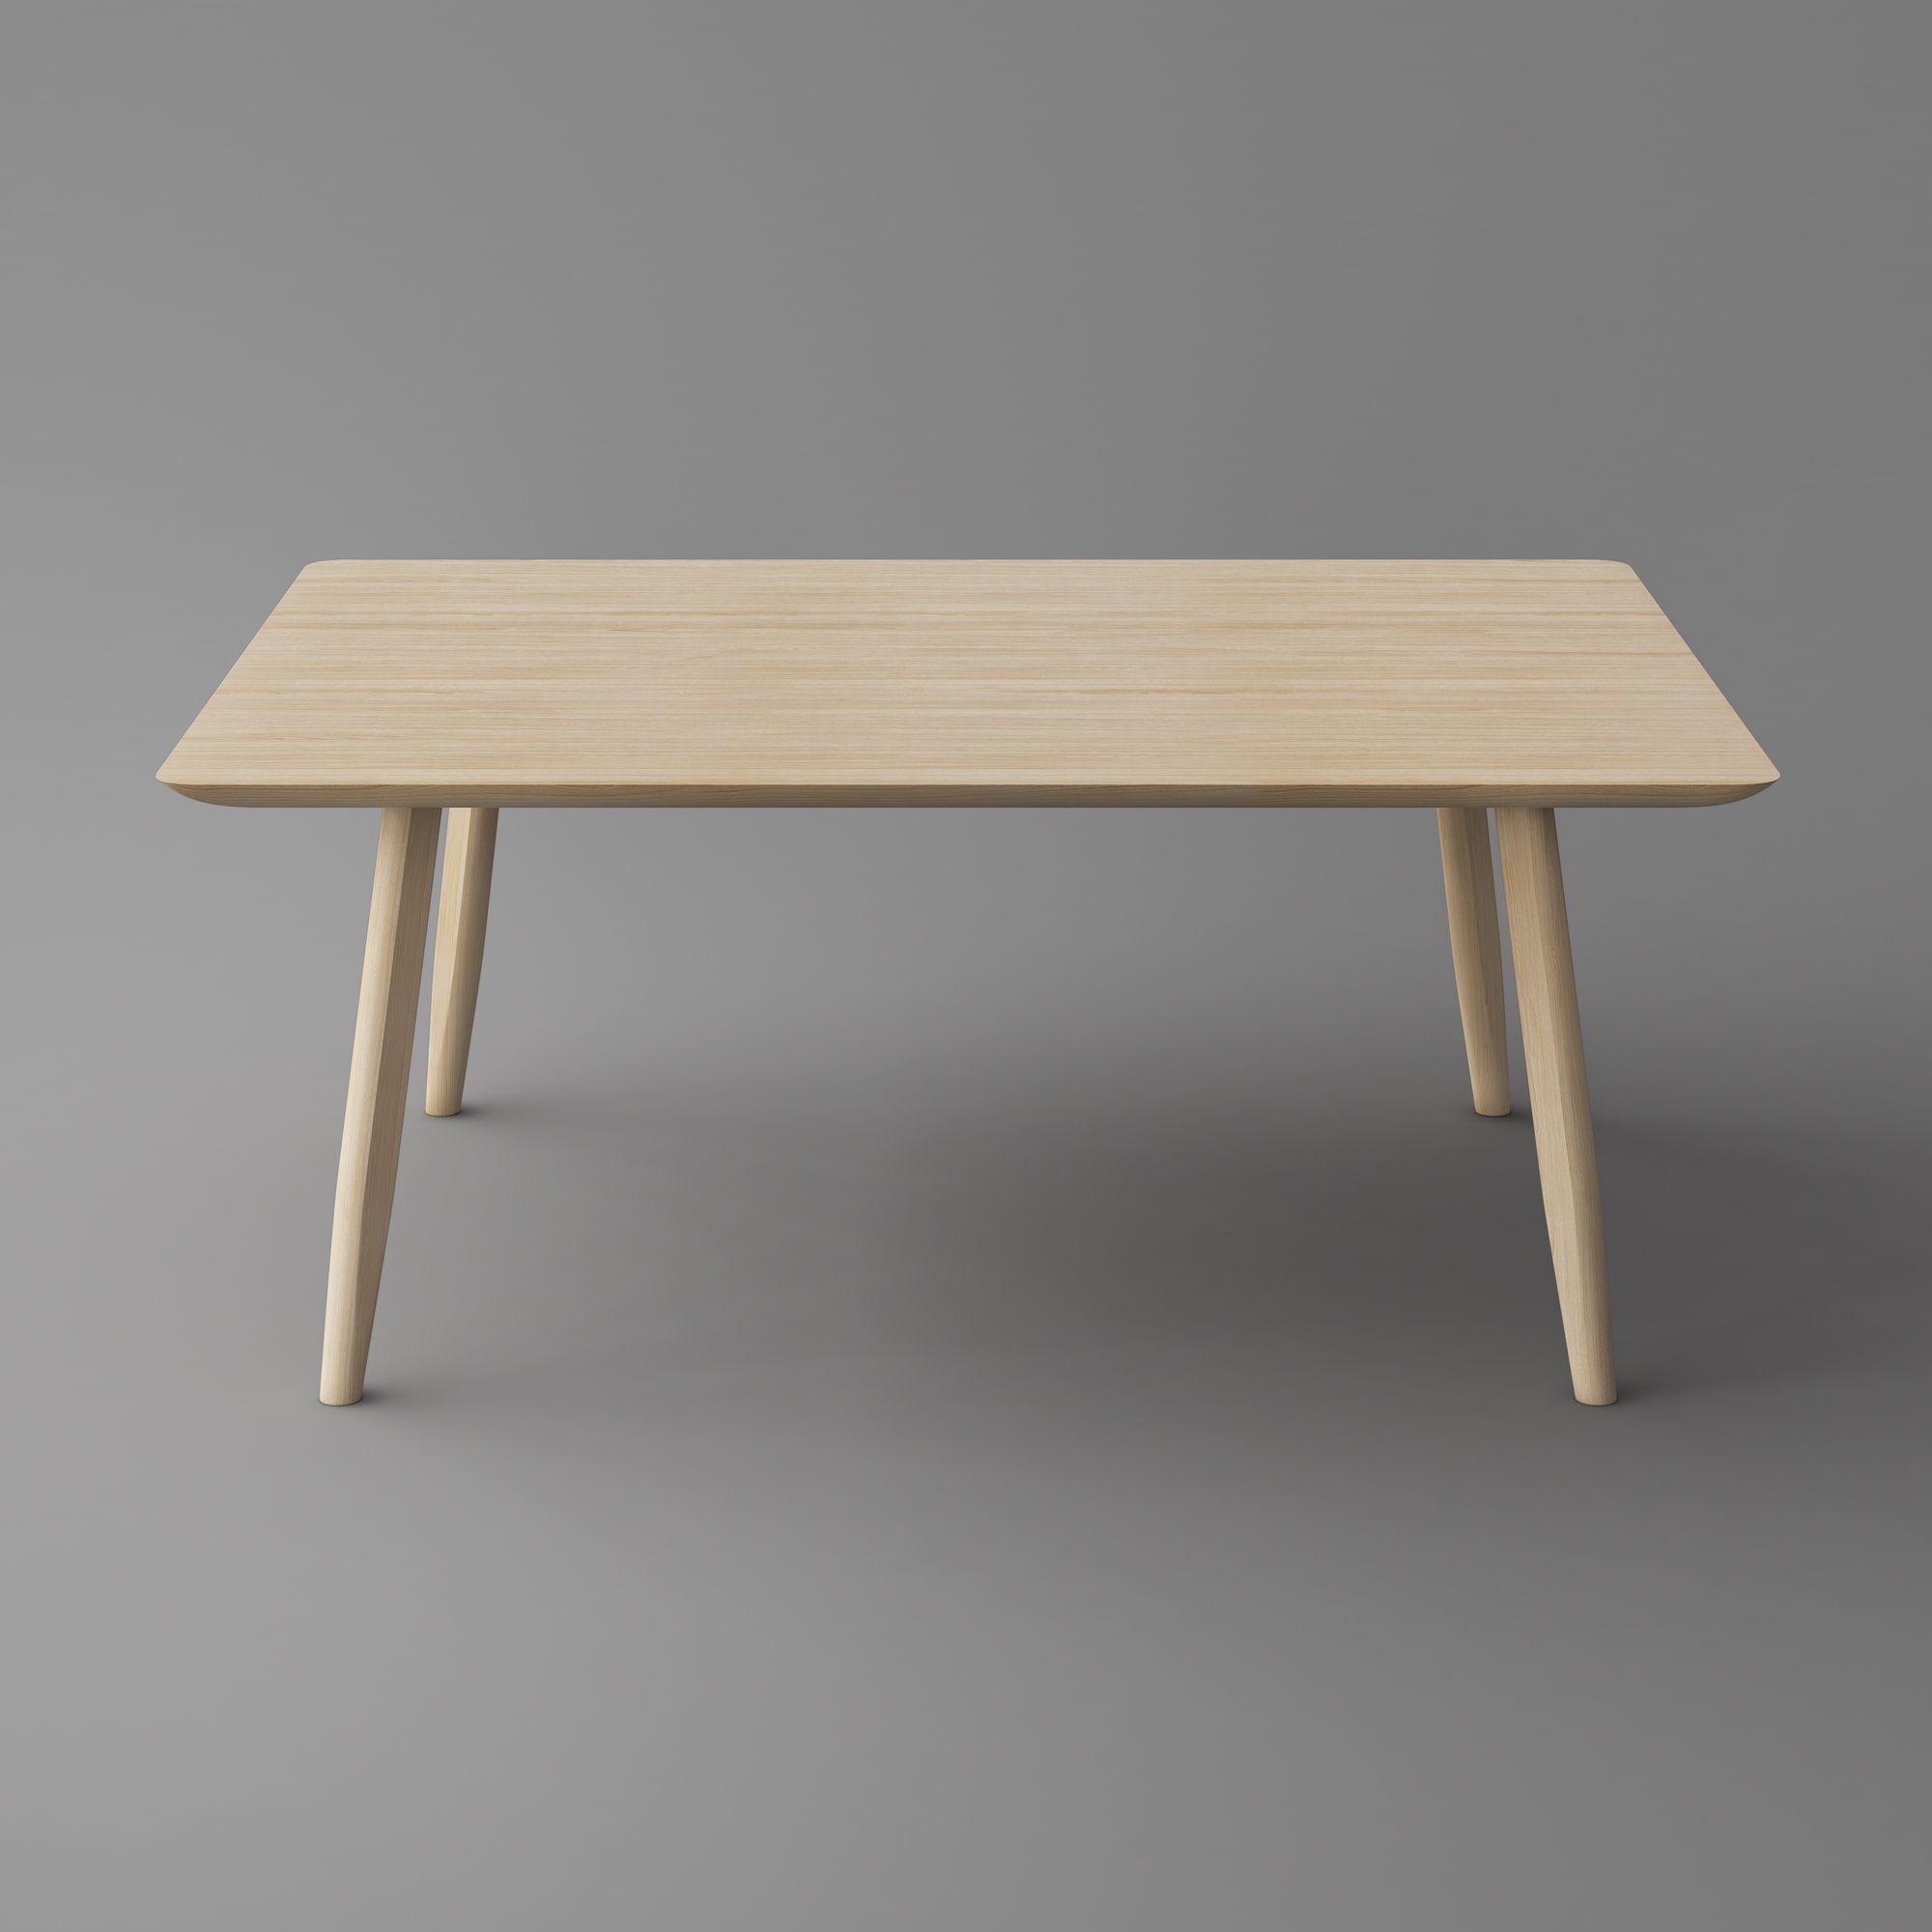 Tisch Aetas Natürliche Präsenz Des Zeitalters Design Hochwertige Möbel Minimalistisch